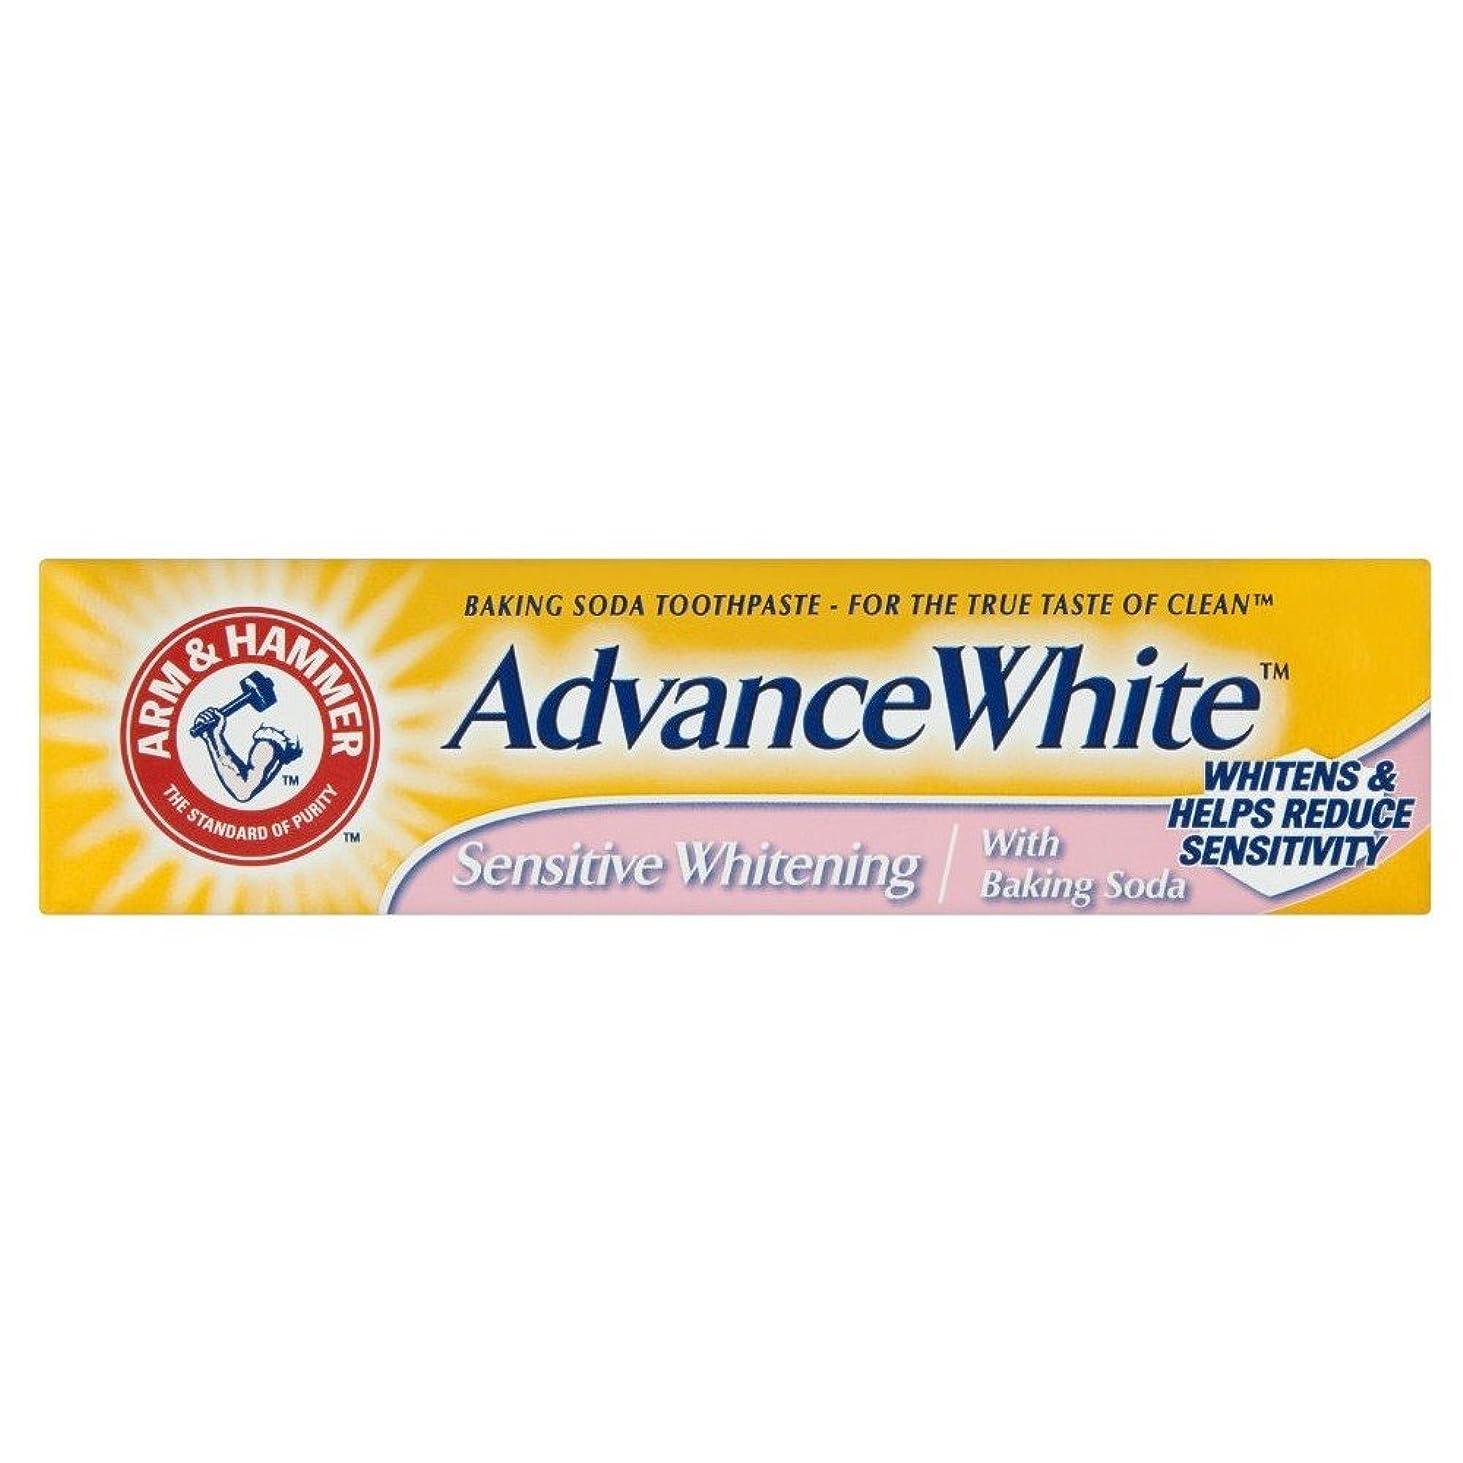 元に戻す着実に翻訳するArm & Hammer Advanced White Sensitive Toothpaste (75ml) アームとハンマー高度な白敏感歯磨き粉( 75ミリリットル) [並行輸入品]